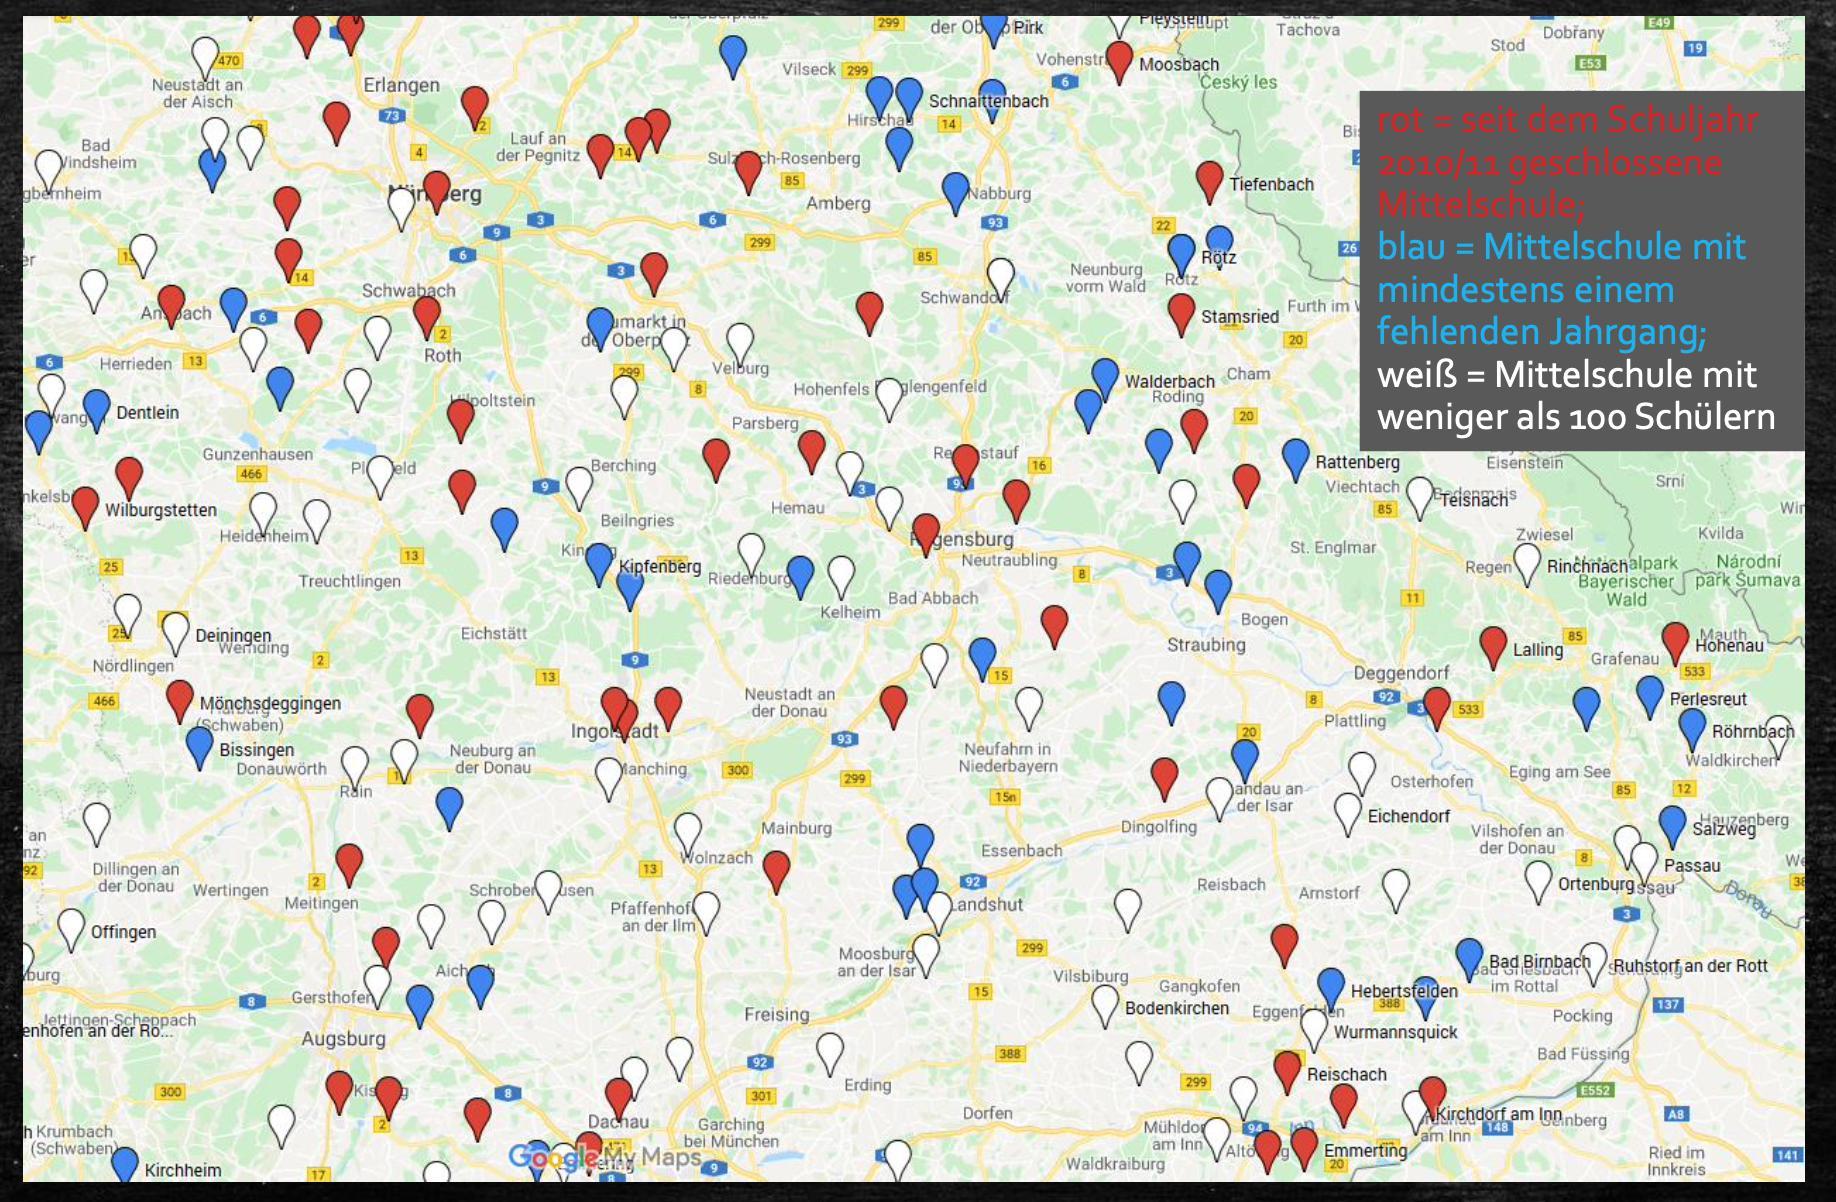 Mittelschulen sterben aus in Bayern